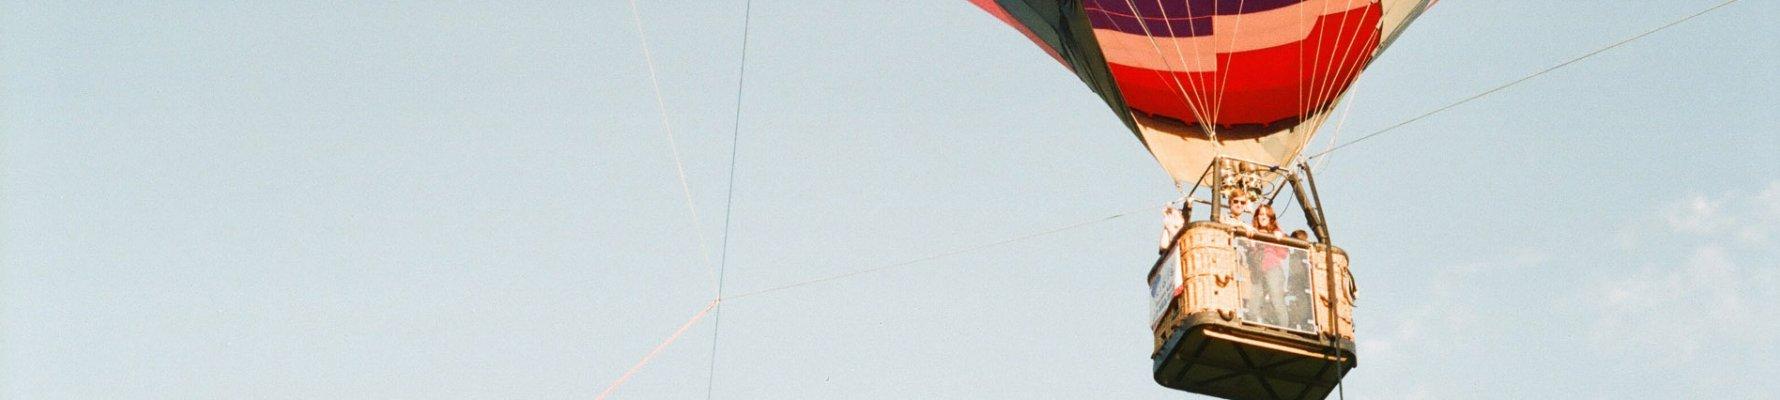 luchtballon1_web